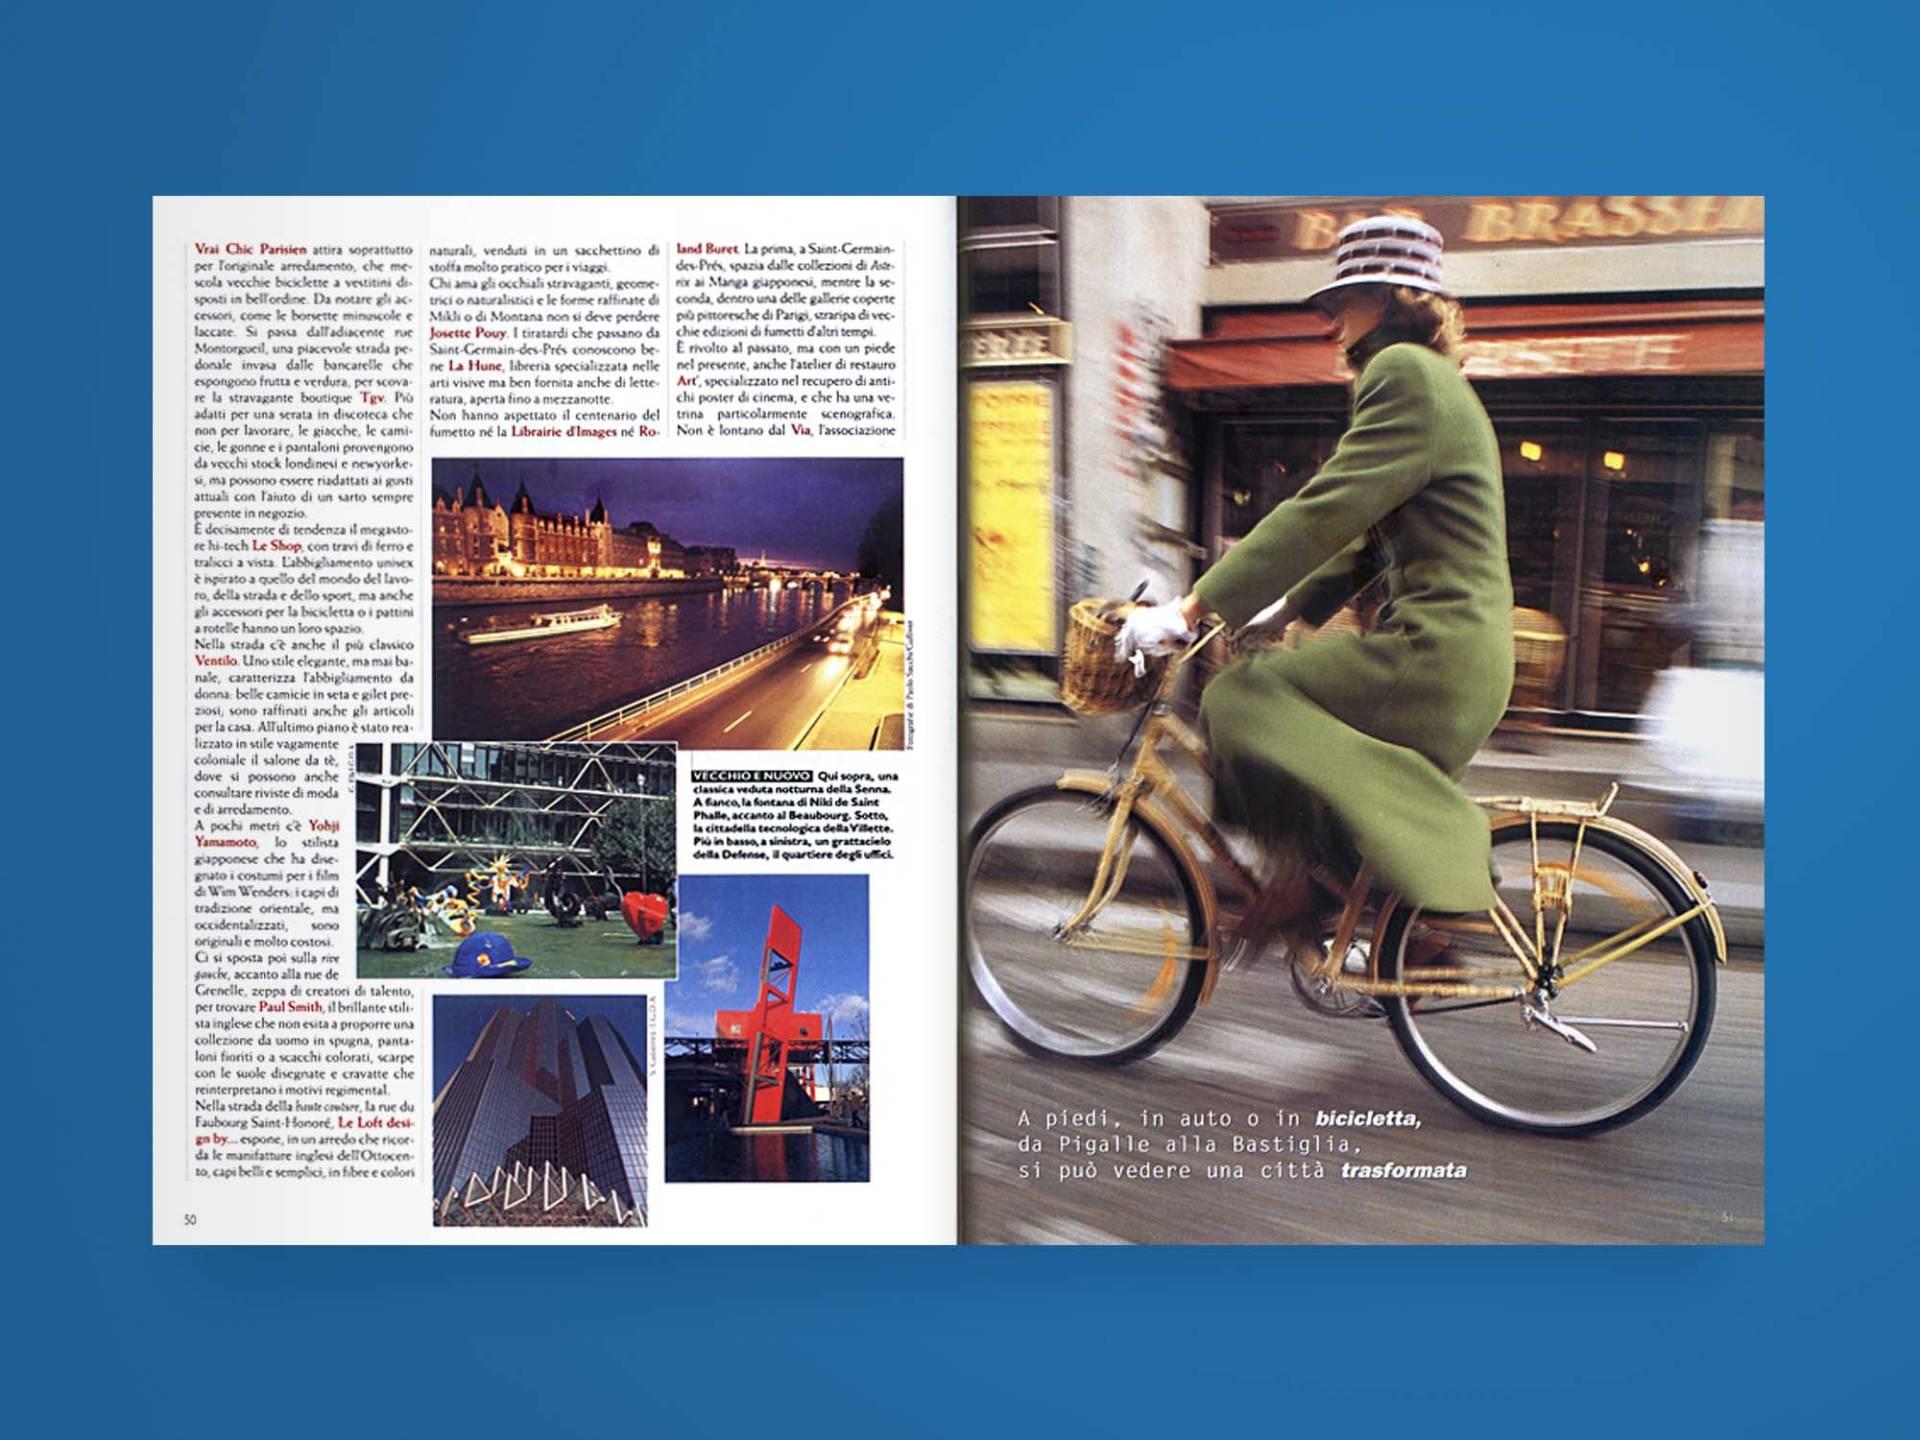 Gulliver+_06_Wenceslau_News_Design